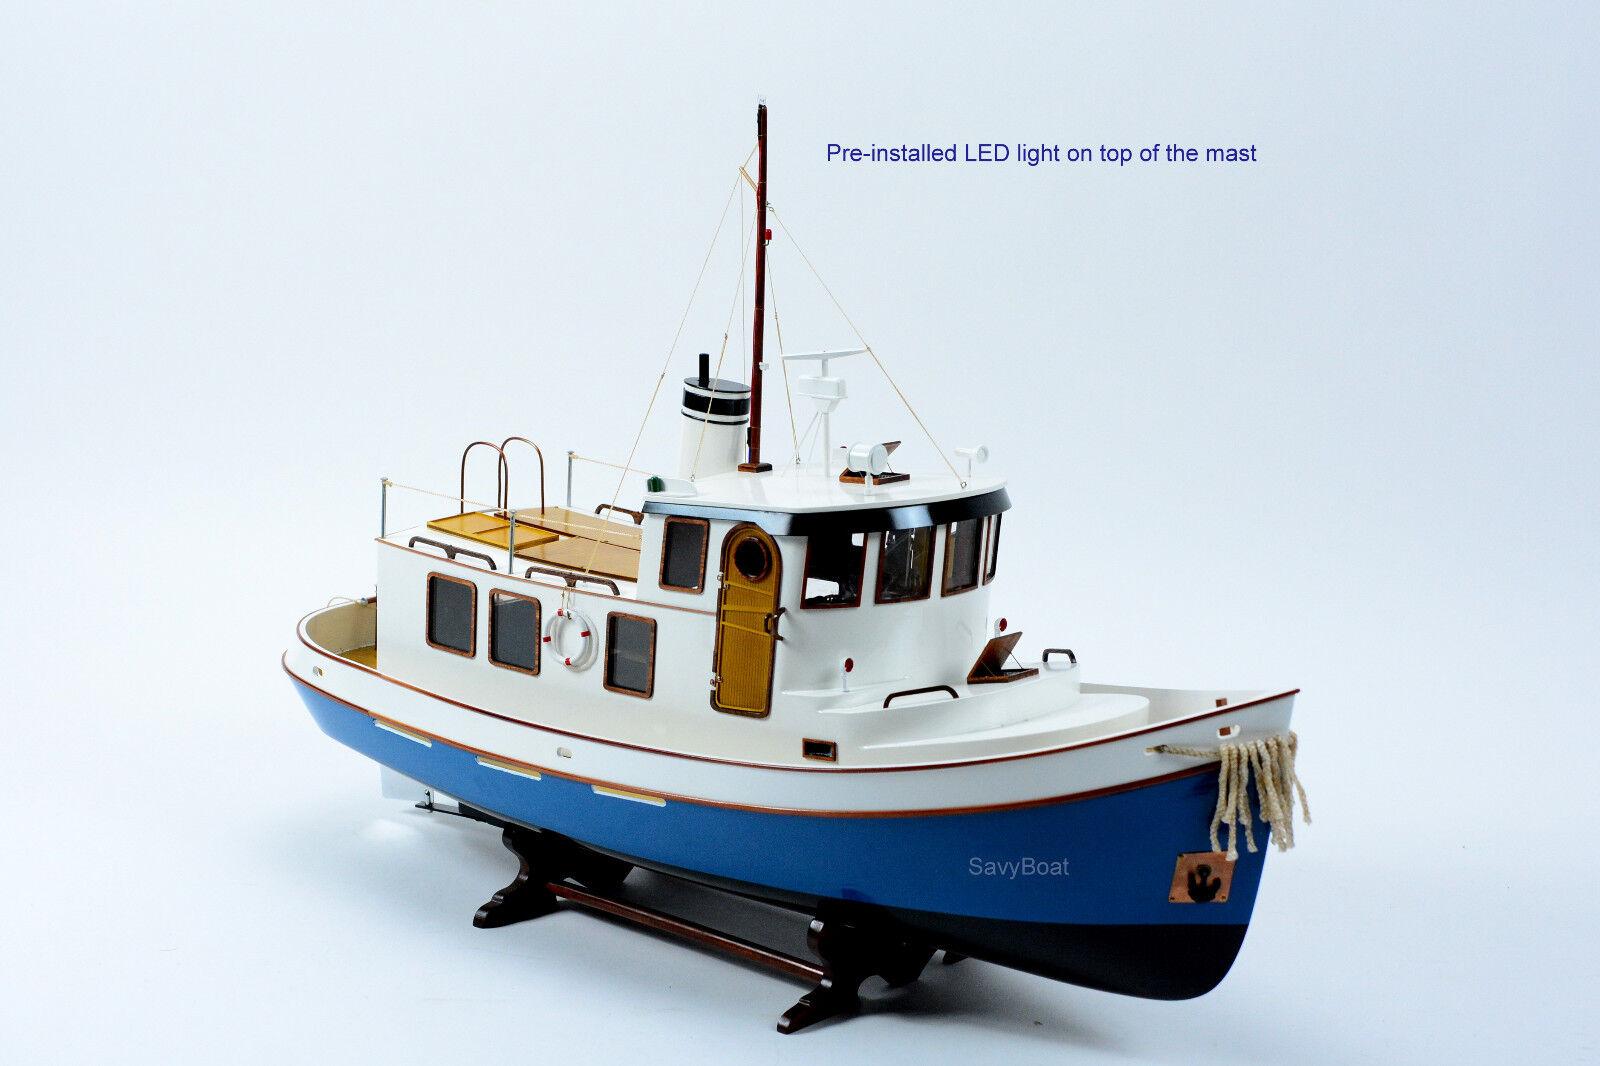 Lord Nelson Victory Tugboat 28  -  Hefatto Wooden Boat modello - RC Converdeible  al prezzo più basso